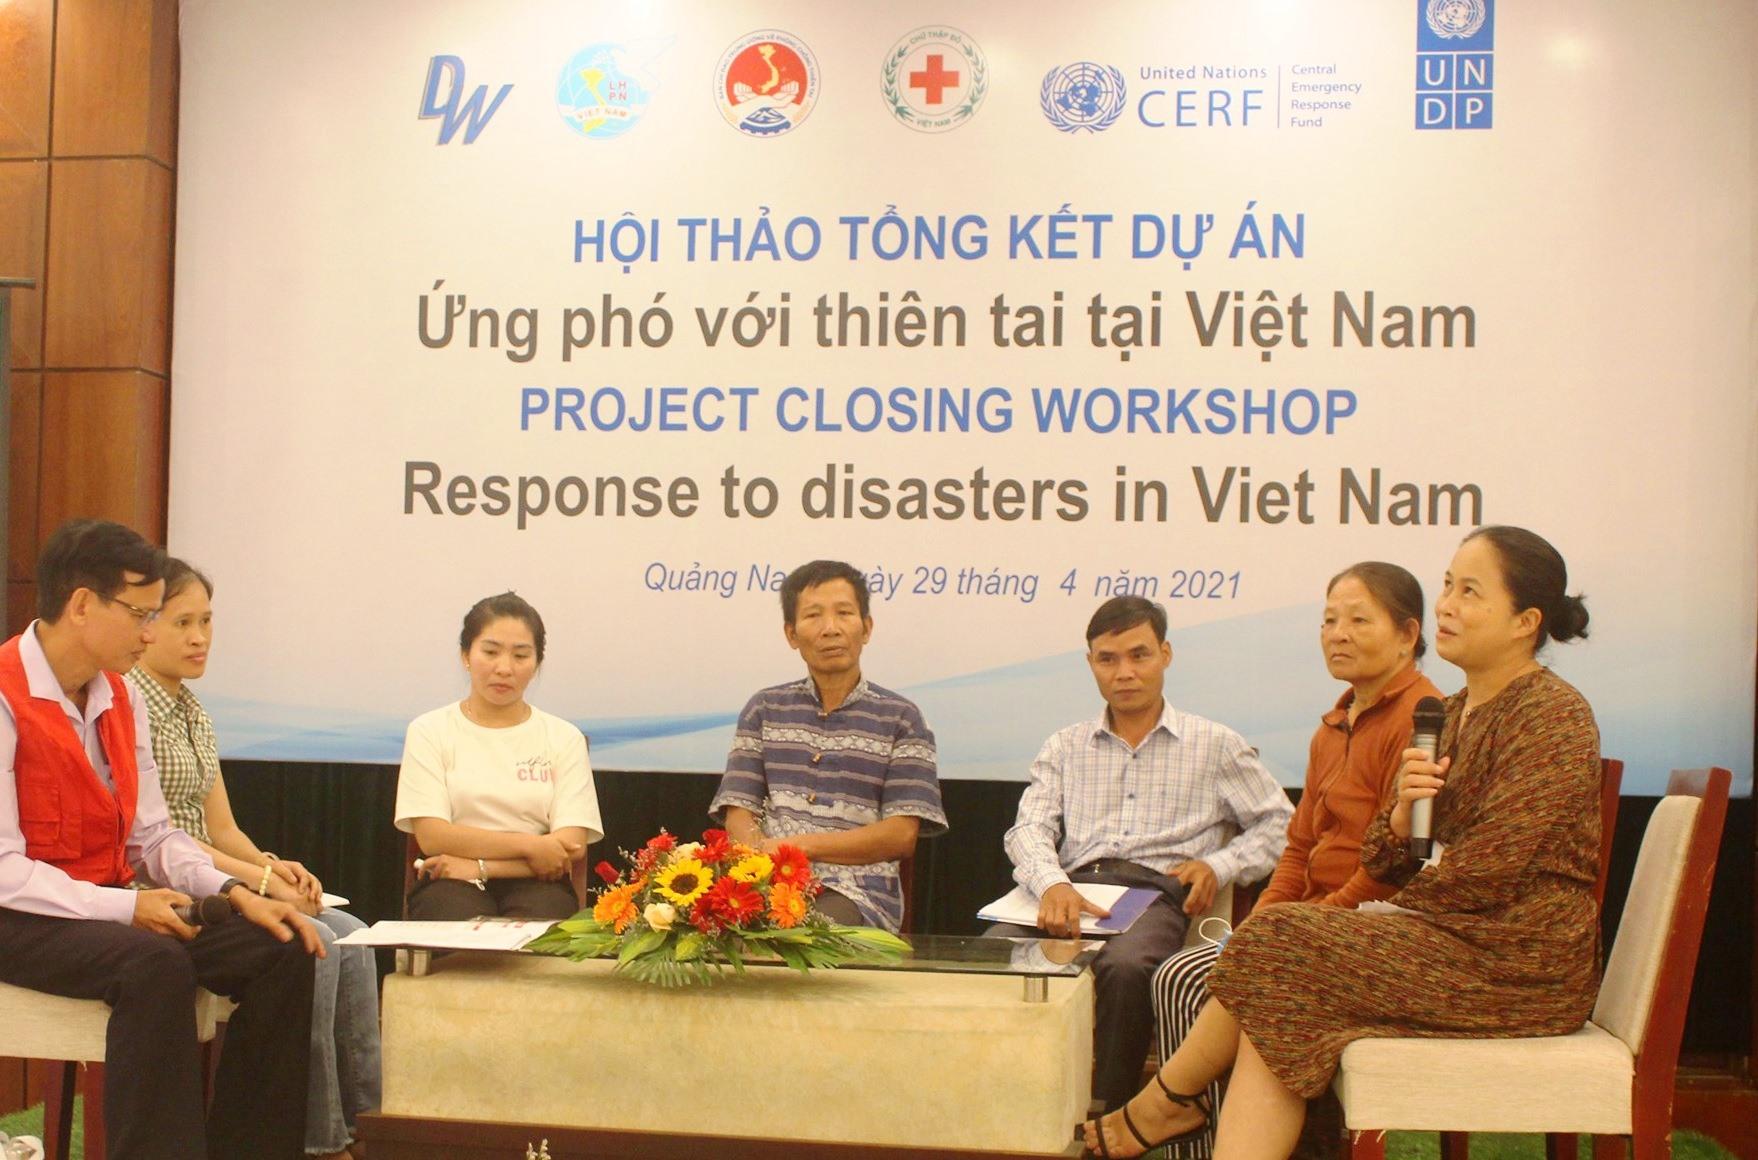 Đối thoại với các hộ dân vùng bị ảnh hưởng bởi lũ lụt, thiên tai thuộc 5 tỉnh. Ảnh: HOÀNG LIÊN